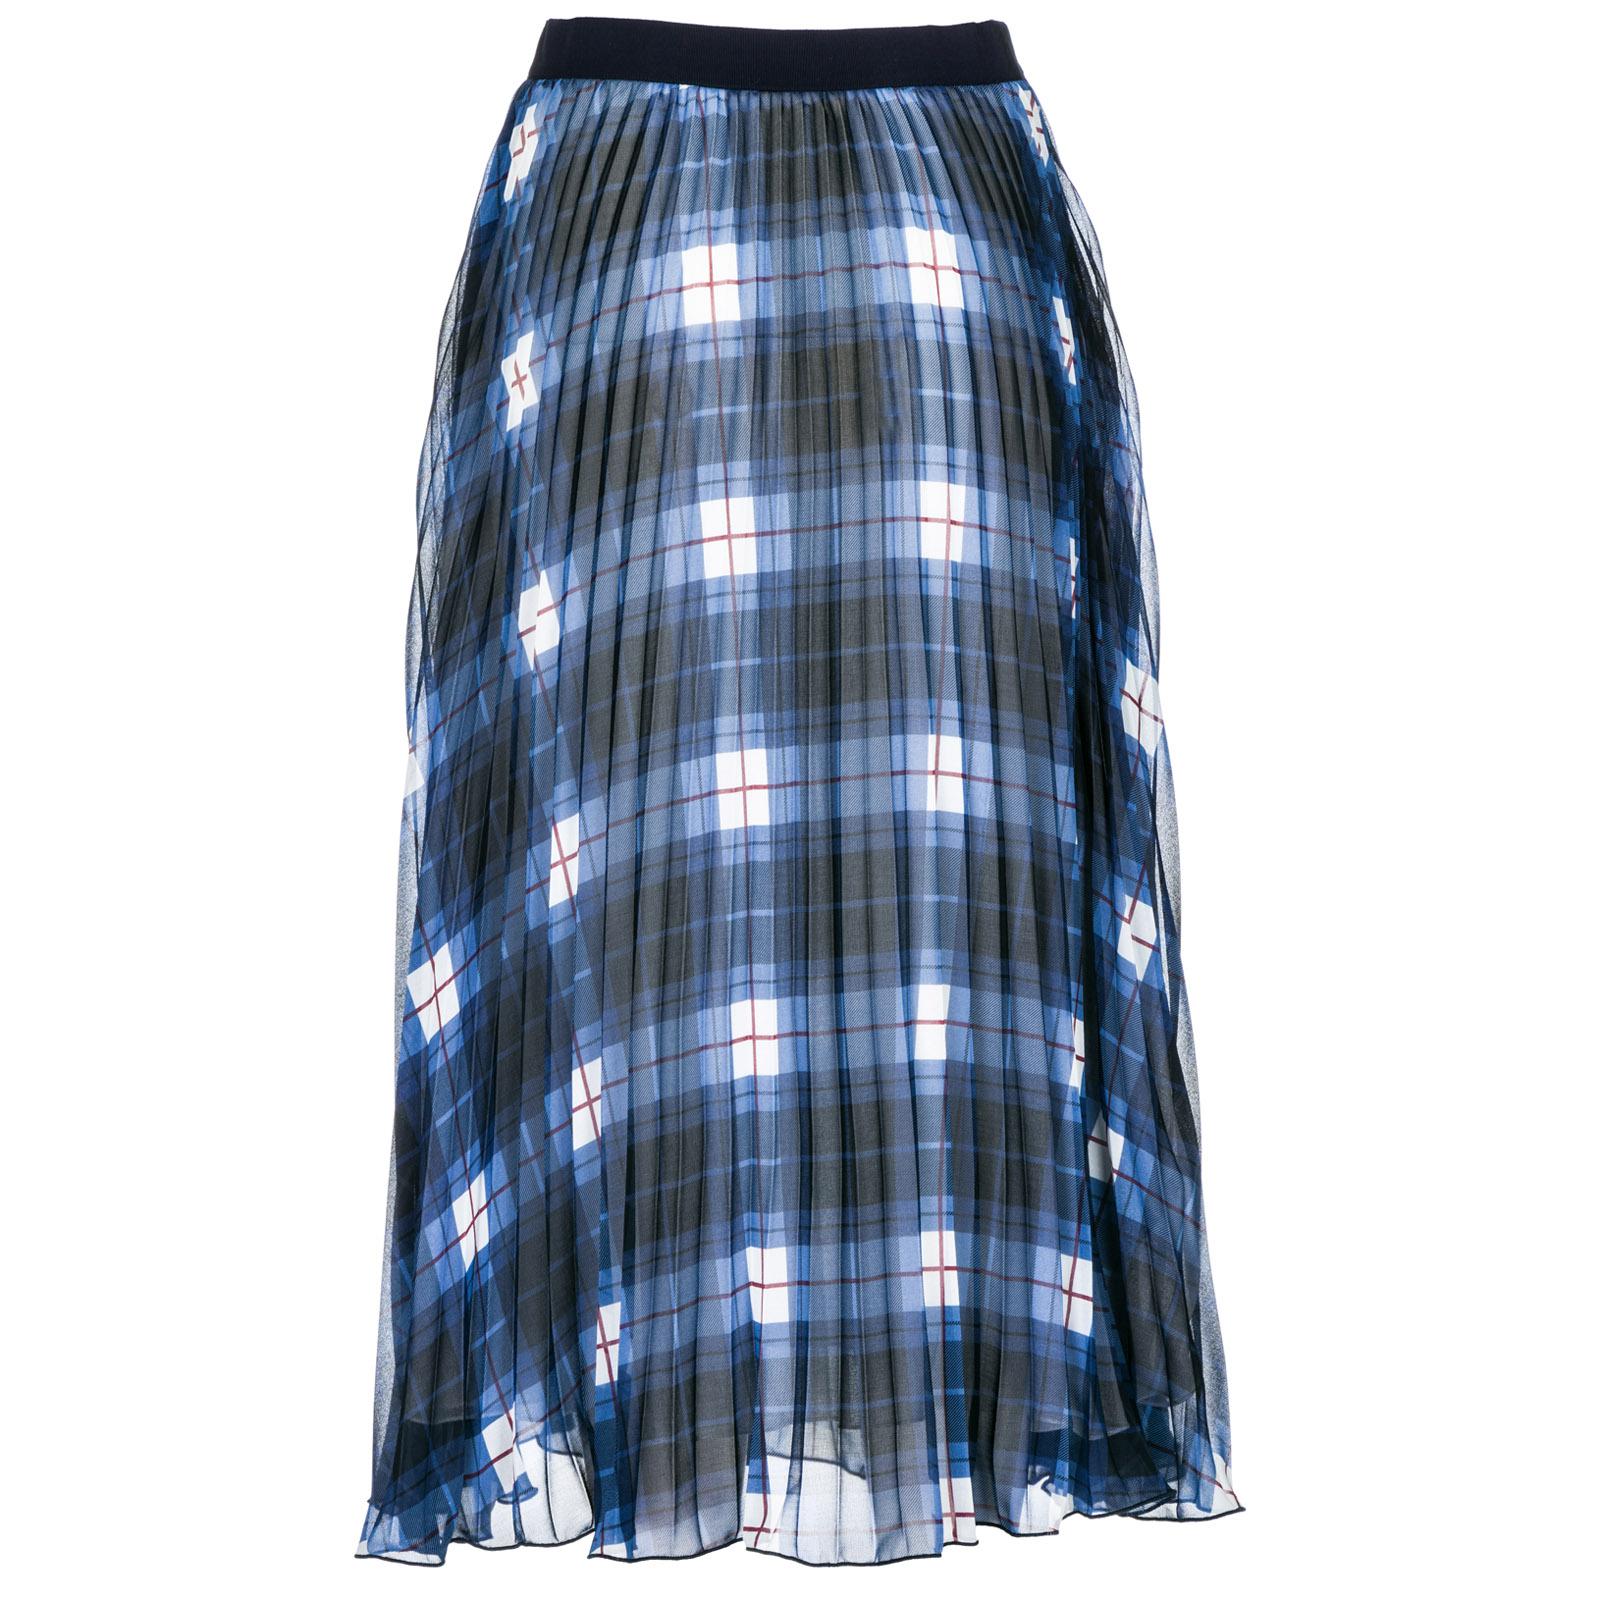 Women's skirt longuette